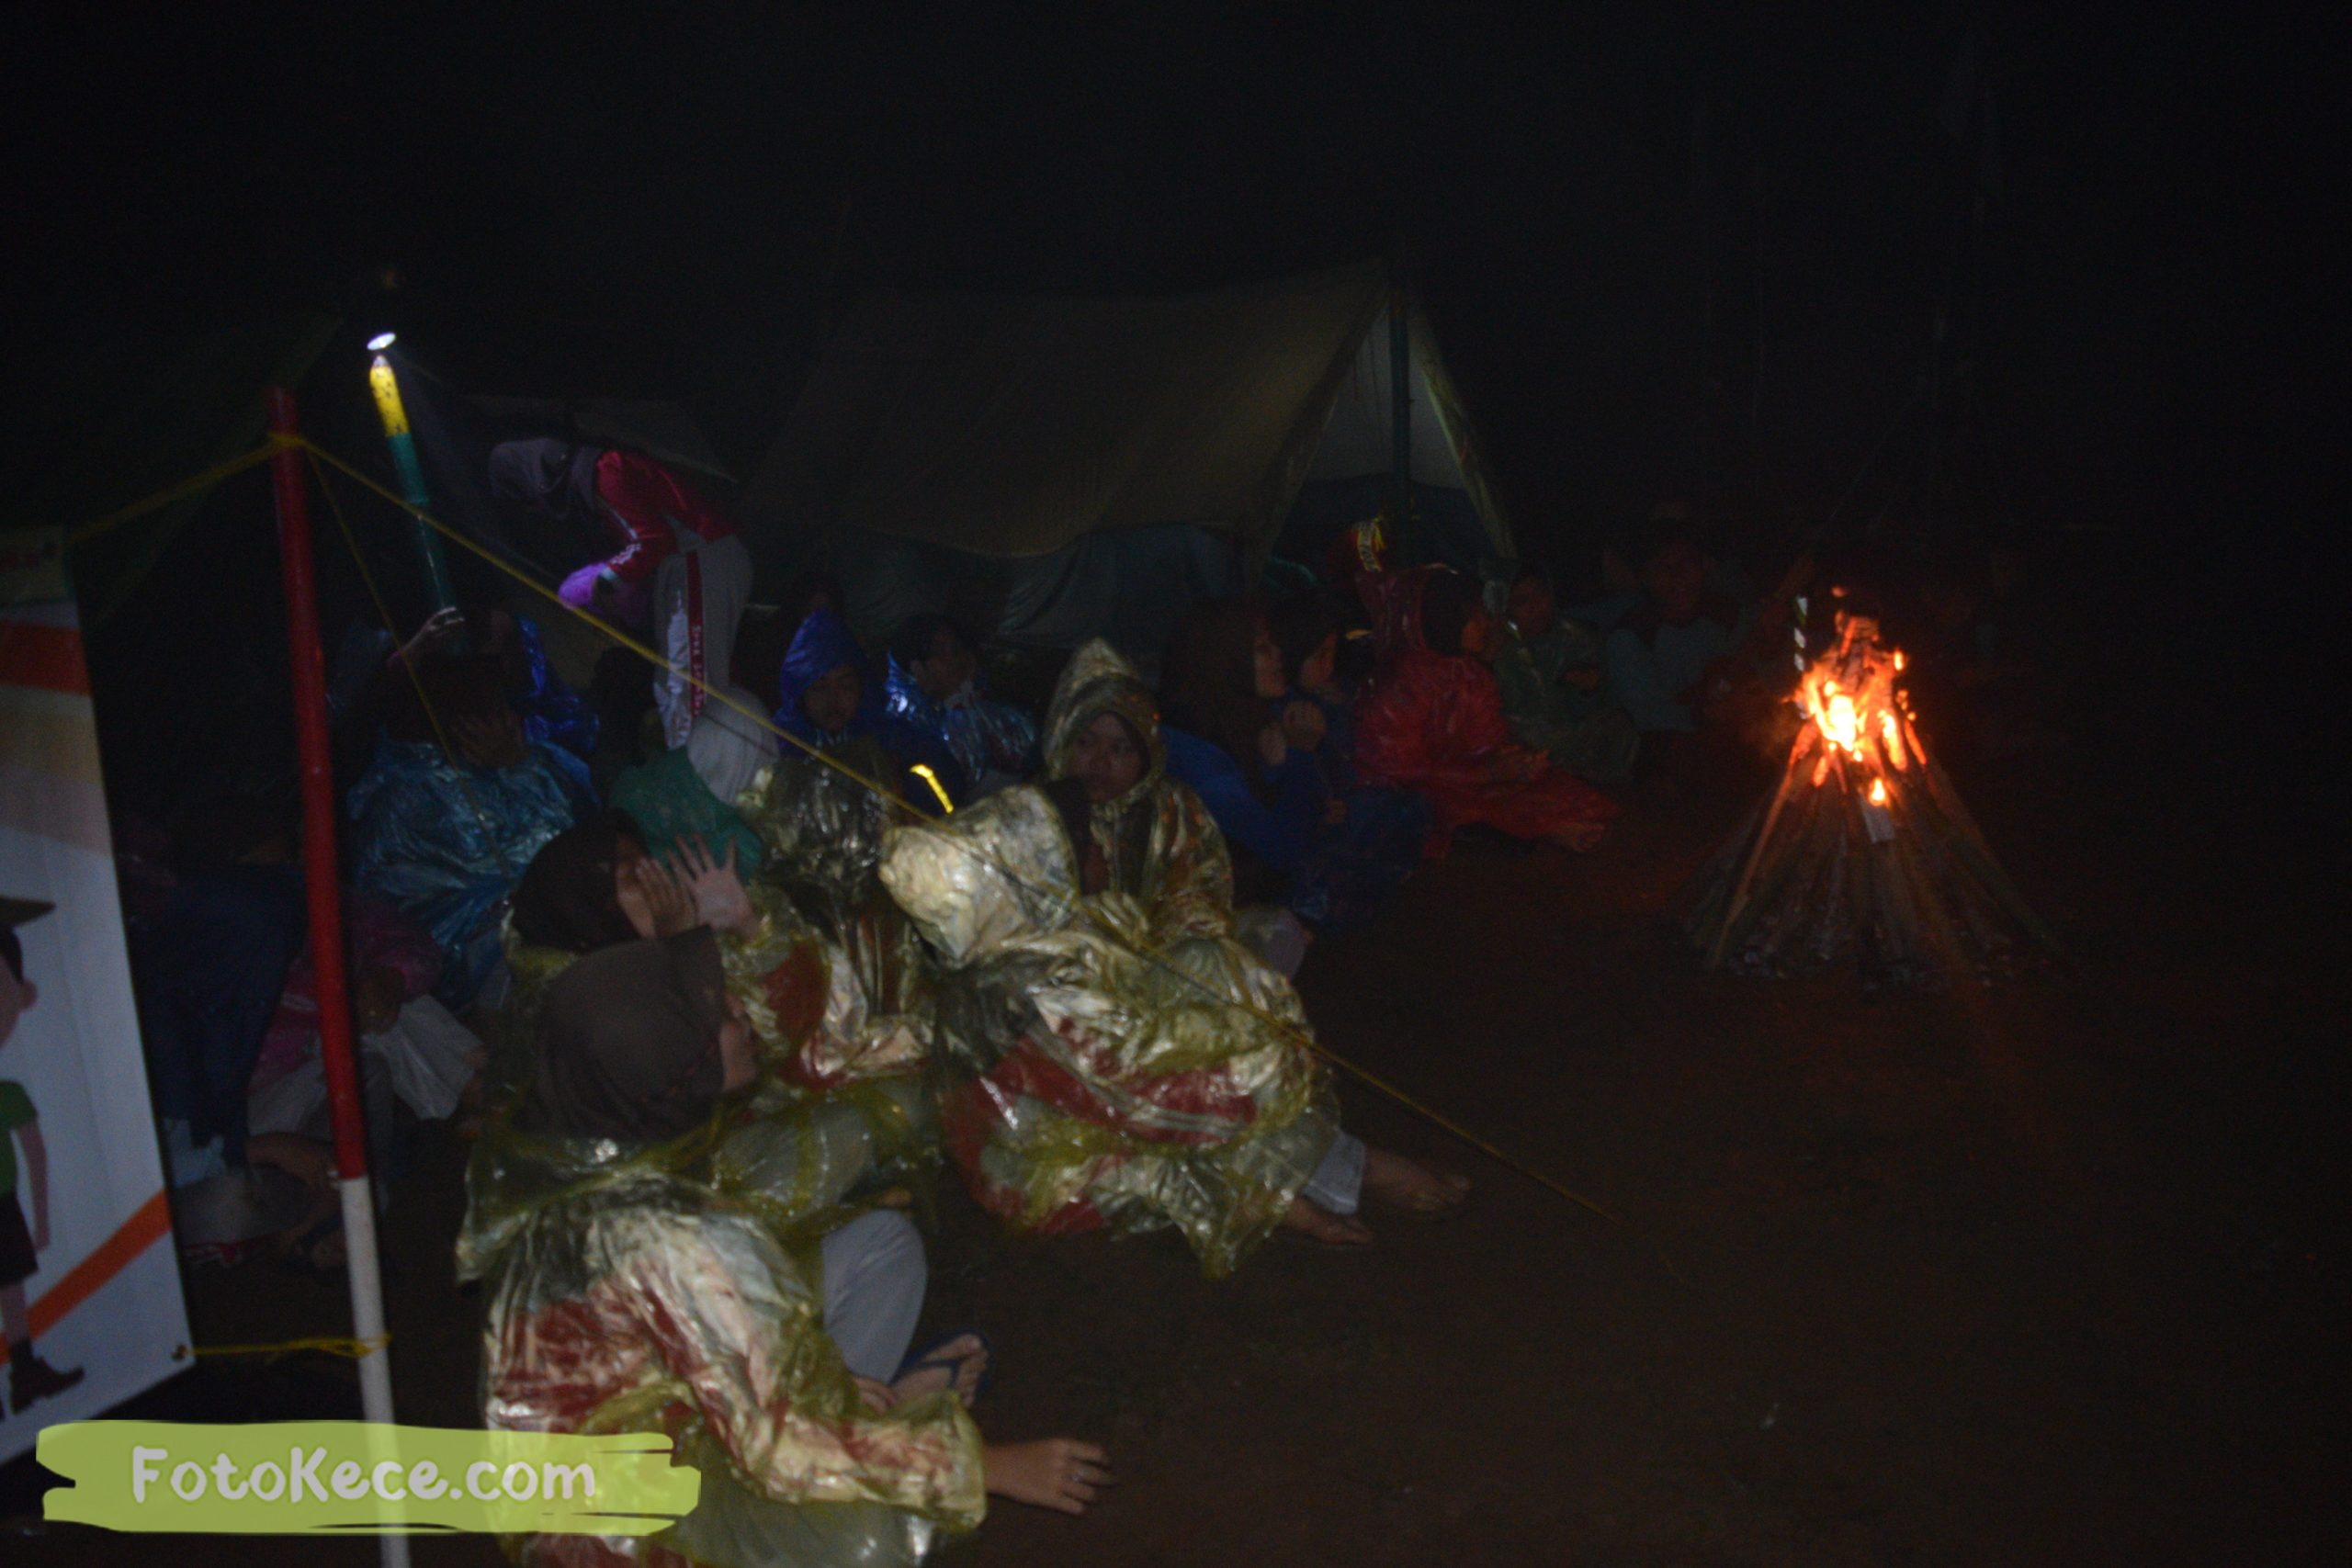 kegiatan sore malam perkemahan narakarya 1 mtsn 2 sukabumi 24 25 januari 2020 pramuka hebat puncak buluh foto kece 91 scaled